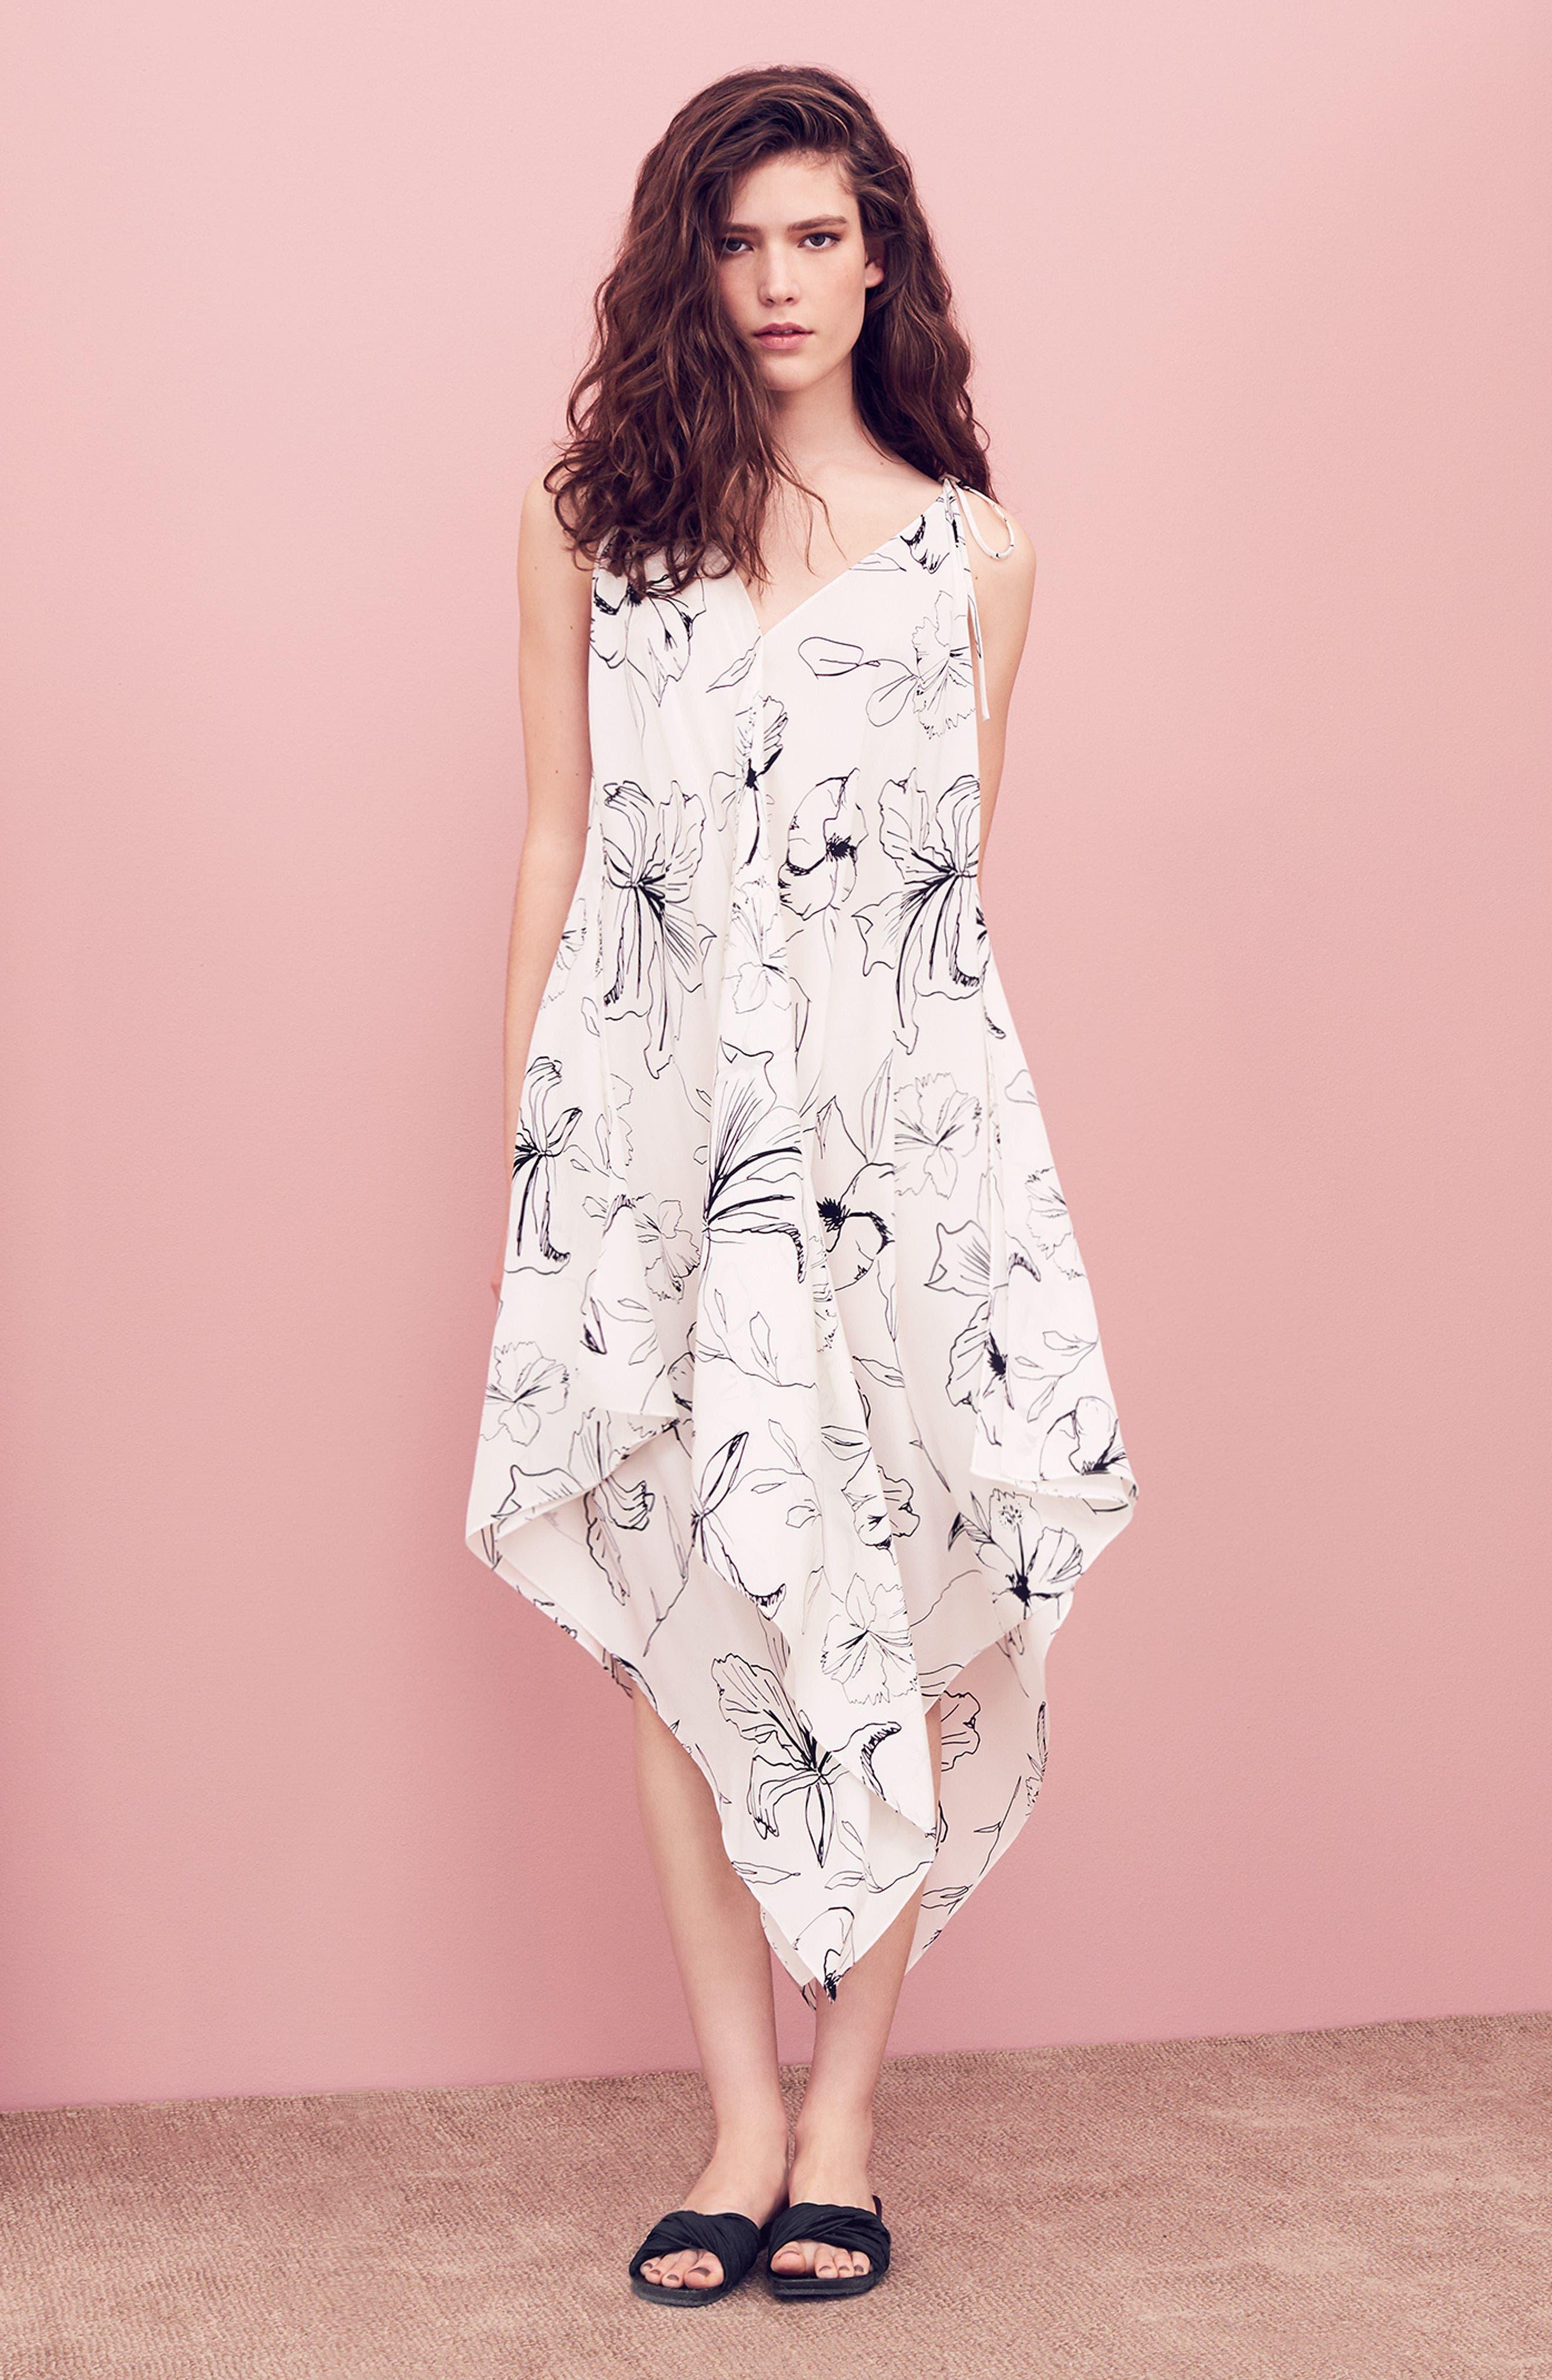 Diane von Furstenberg Midi Dress with Accessories